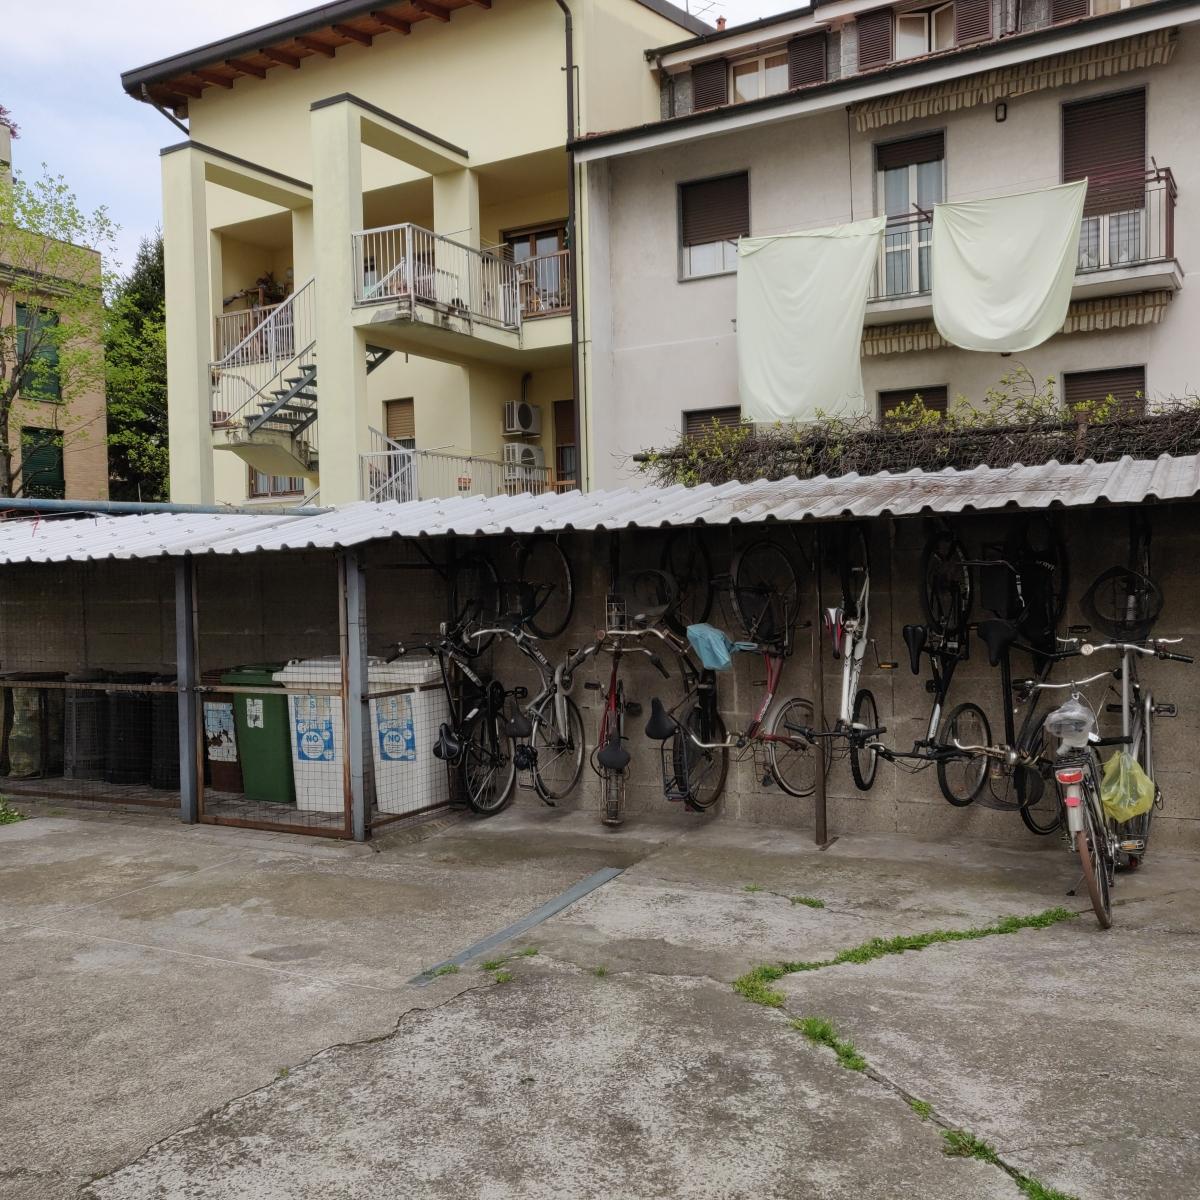 appartamento-in-vendita-via-bisi-milano-baggio-2-locali-bilocale-spaziourbano-immobiliare-vende-14